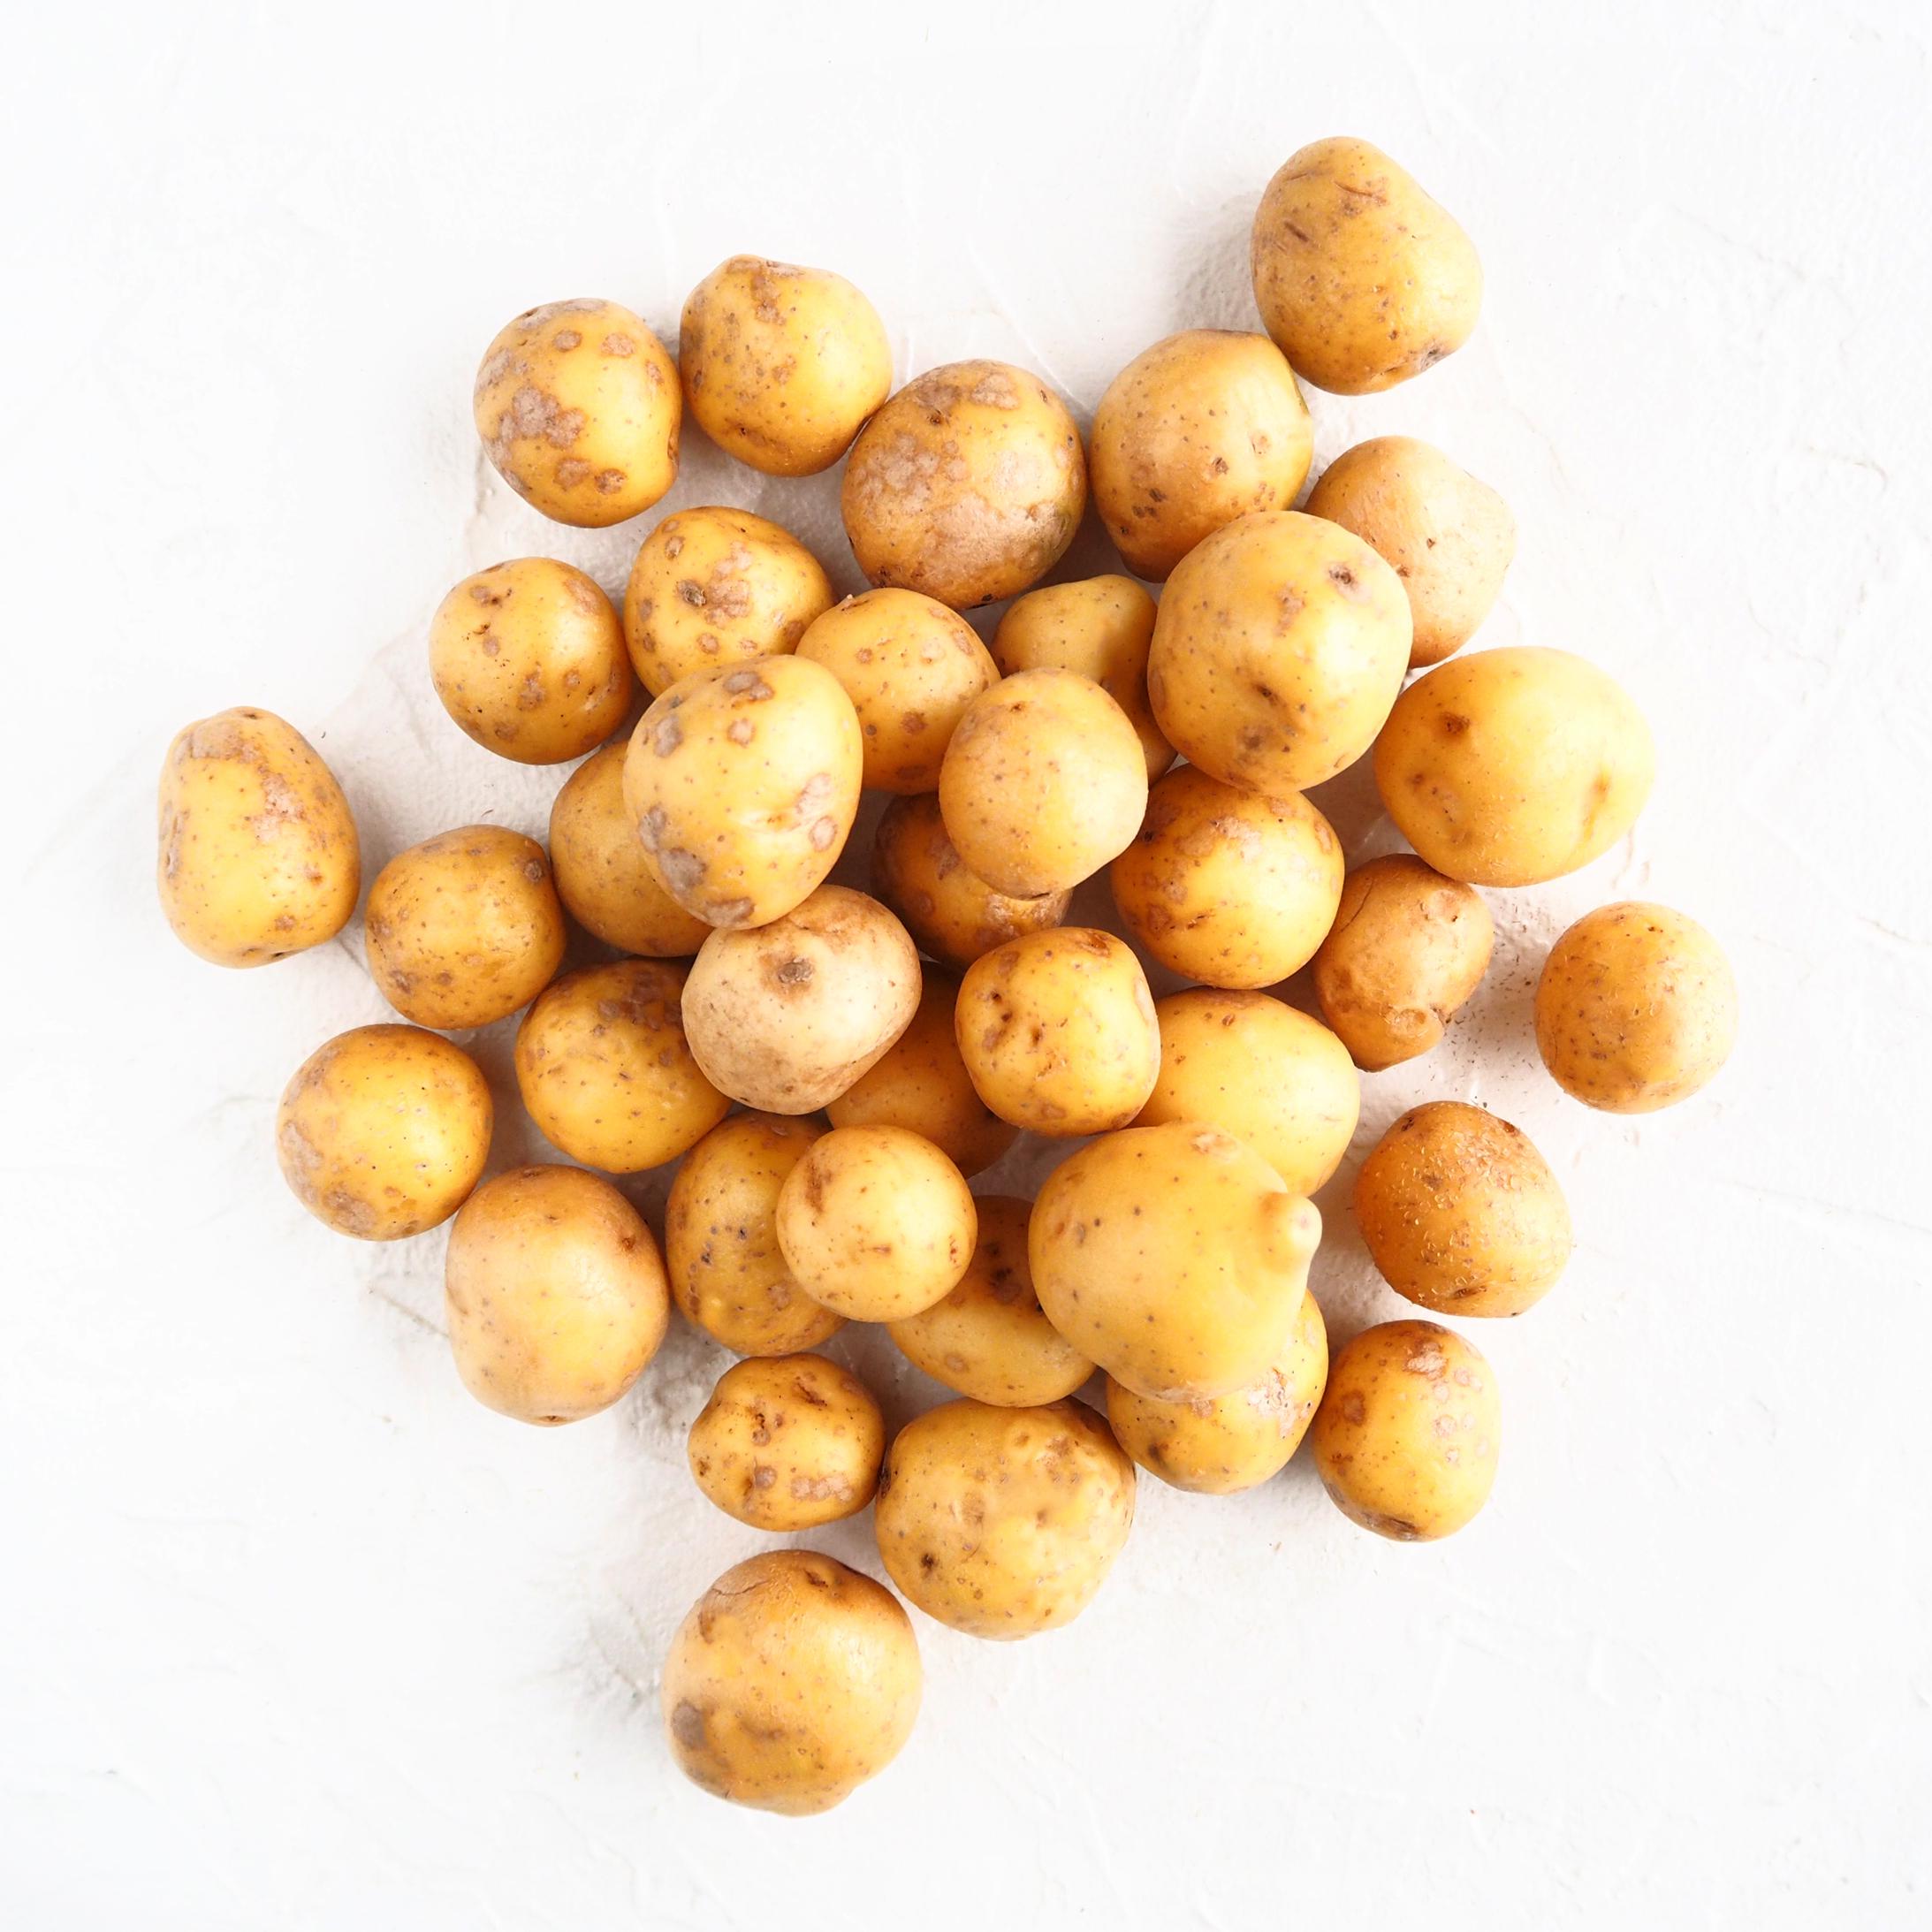 Мини-картофель, новый урожай (1 кг)